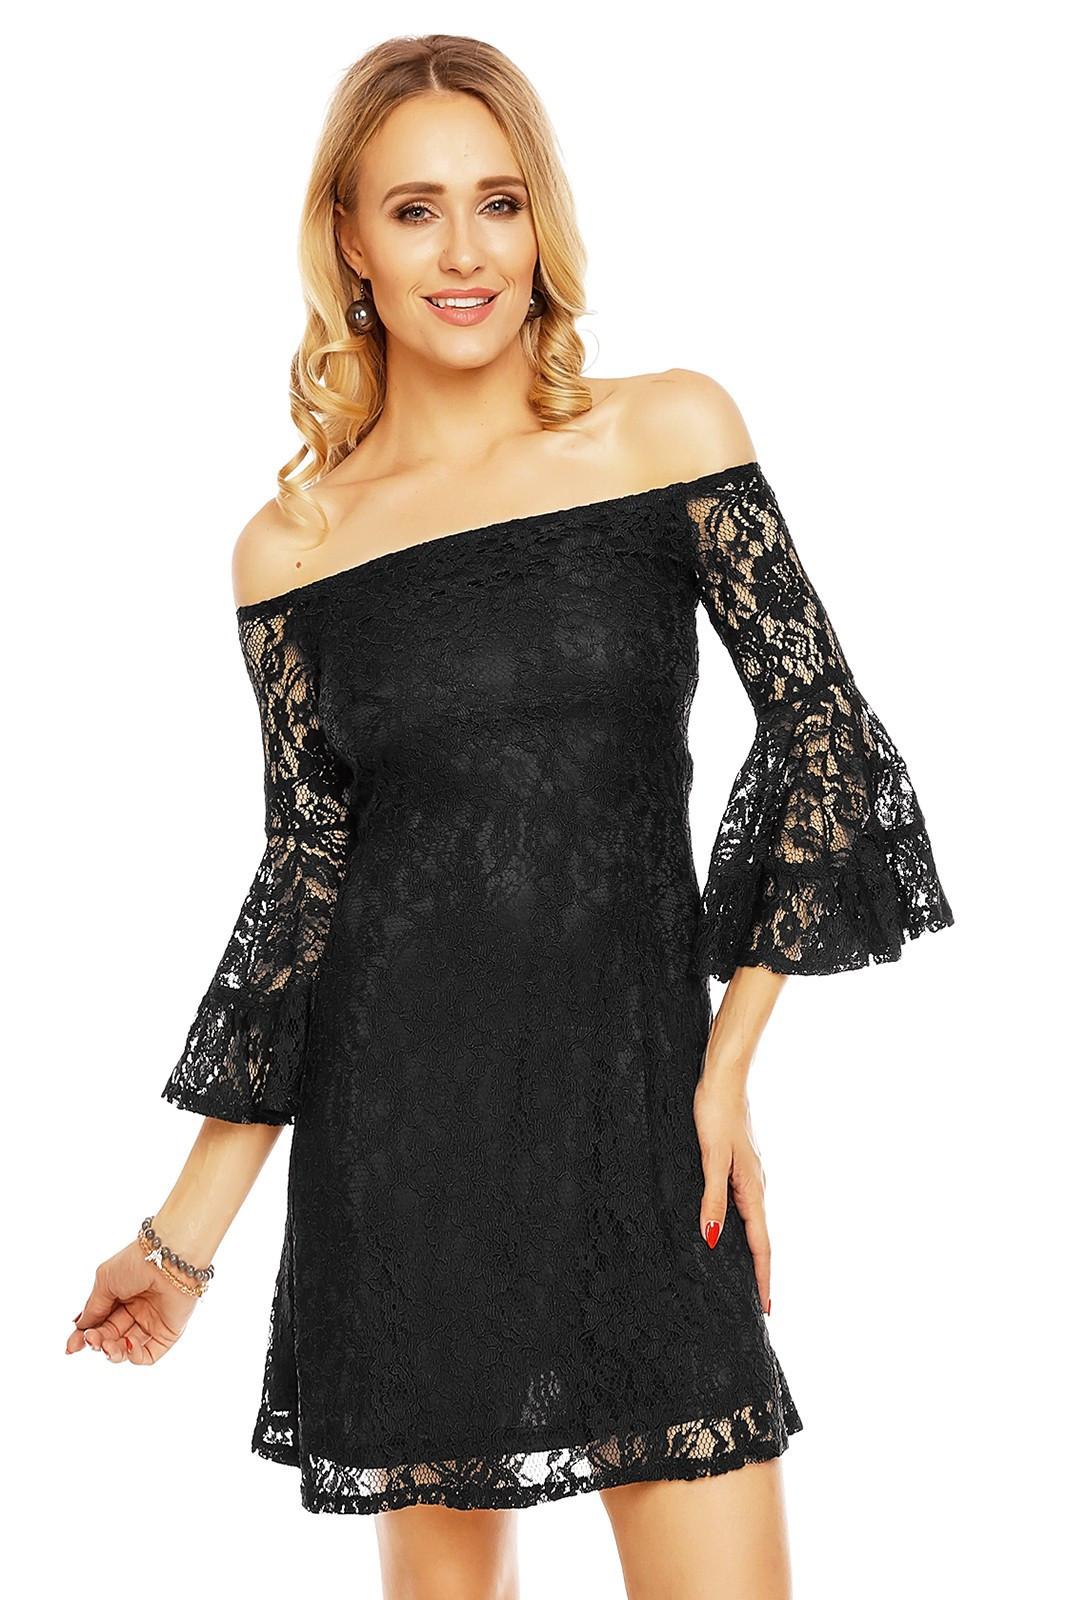 Čipkované dámske šaty s lodičkovým výstrihom a širokými rukávmi čierne - Čierna - MAYAADI čierna M